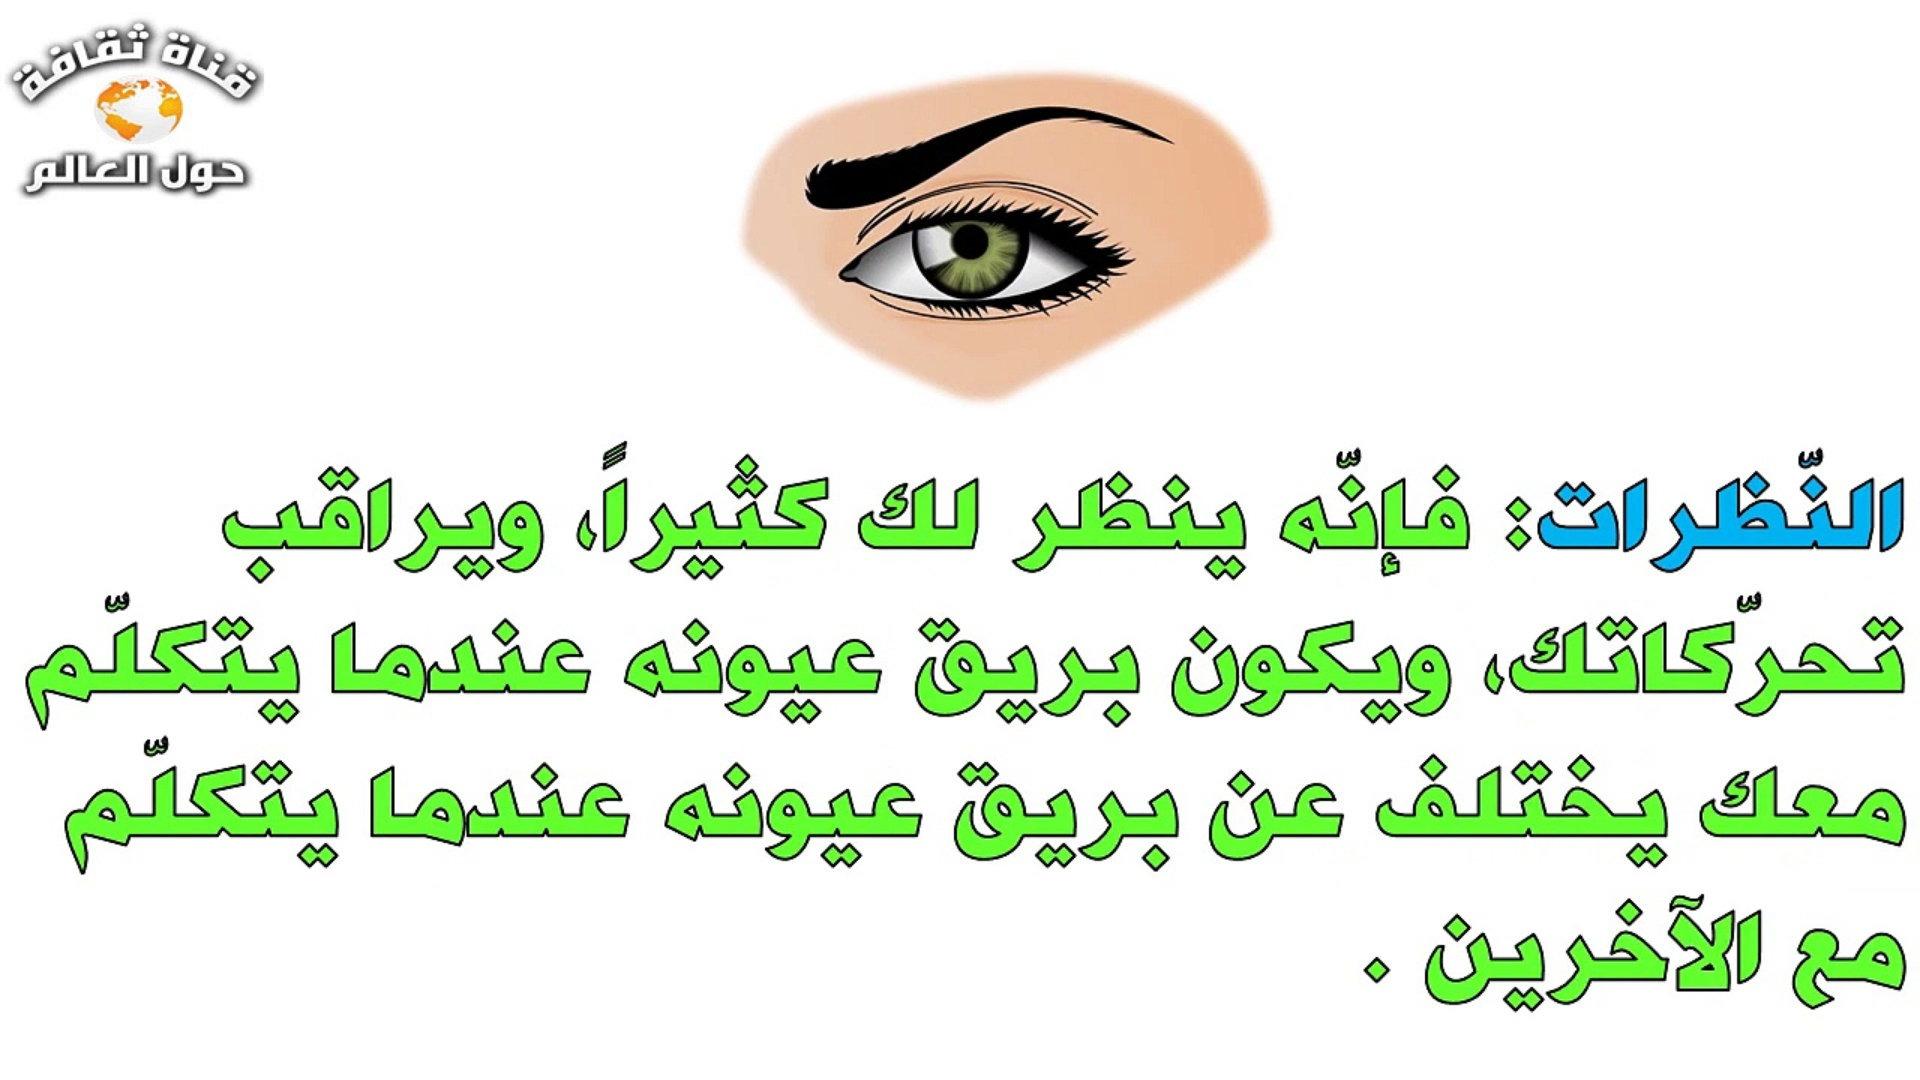 كيف تعرف ان شخص يحبك من عيونه العيون تفضح الحب صور بنات